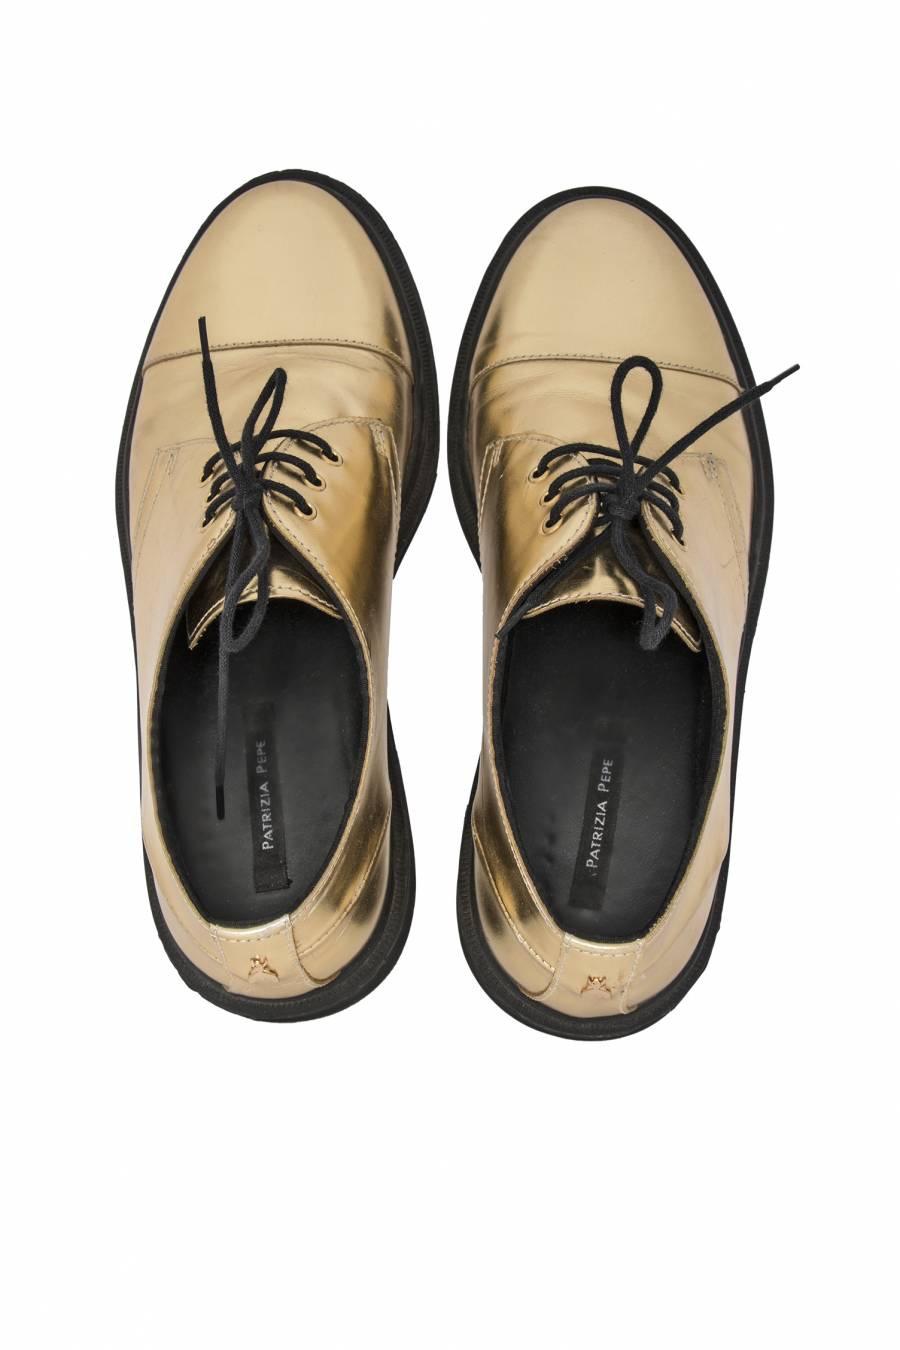 Ботинки Patrizia Pepe, 39 размер